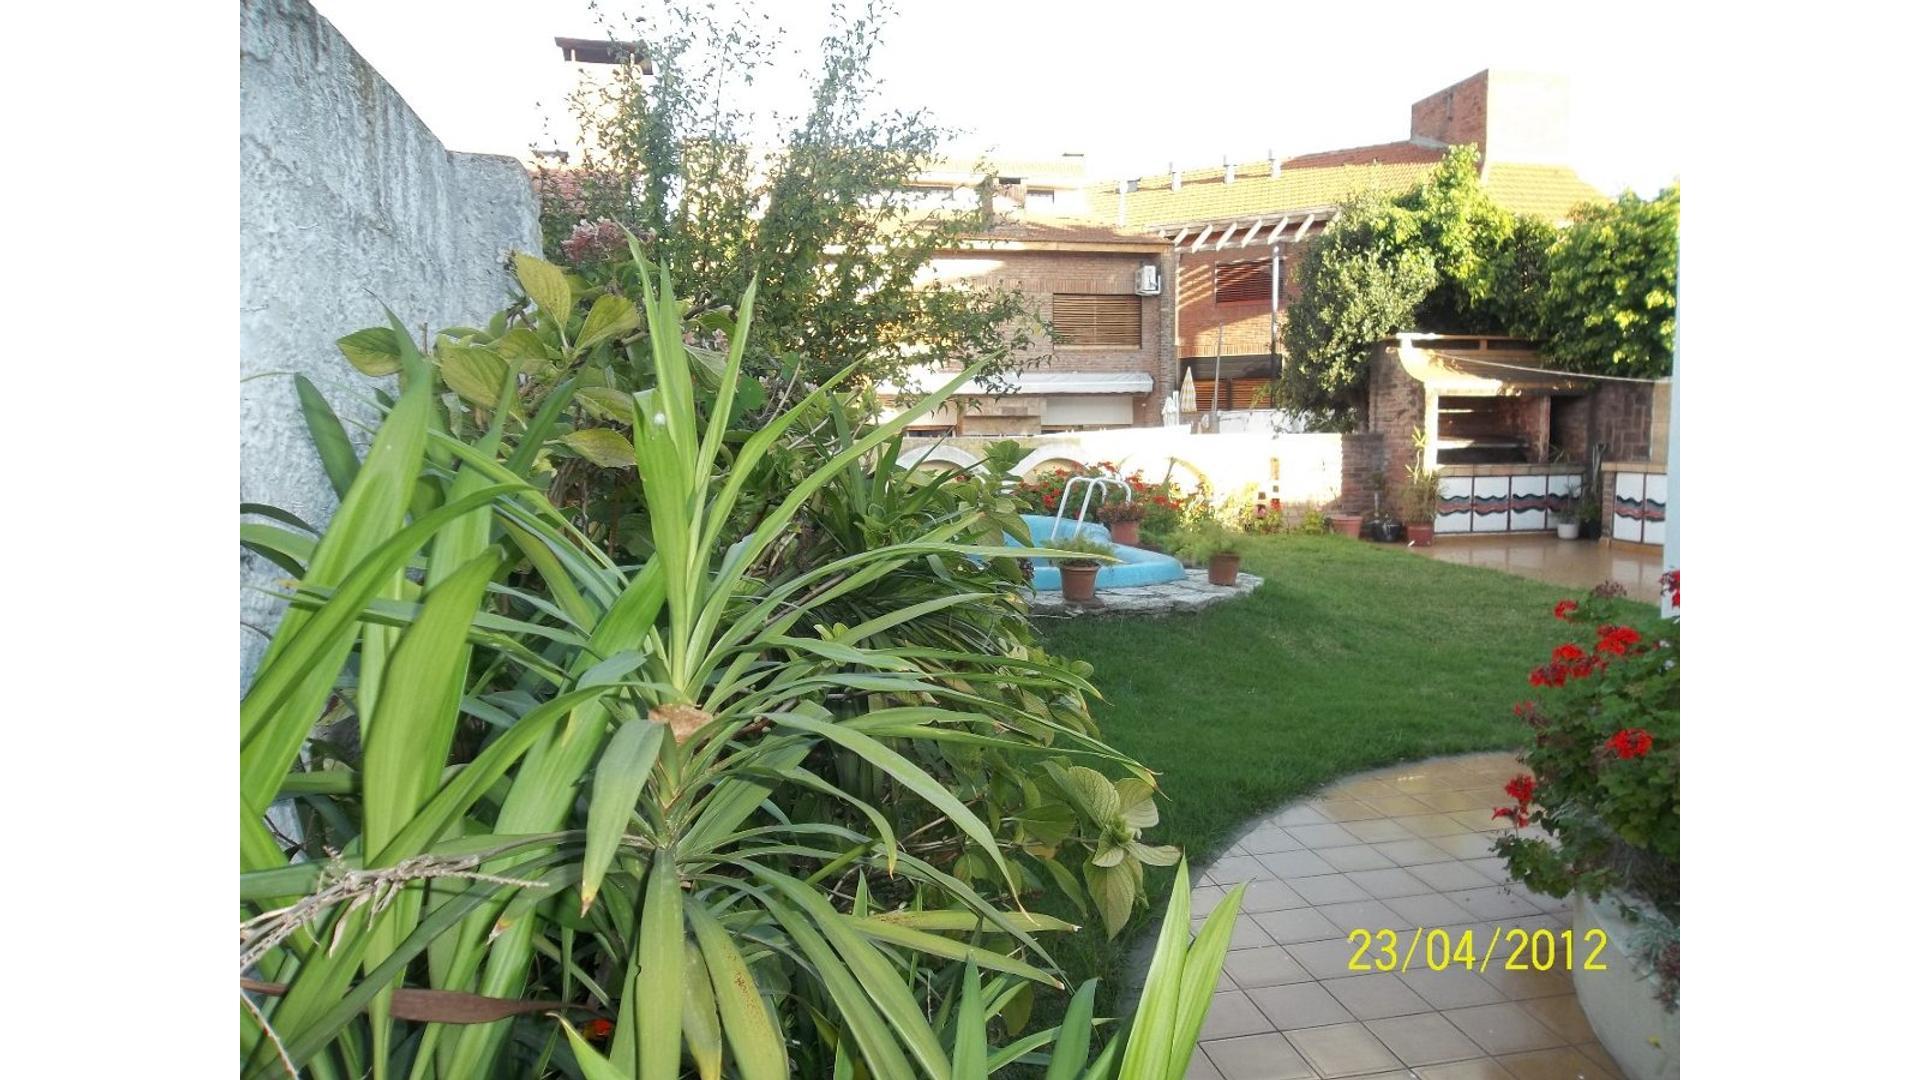 Casa en venta en florida vicente l pez goplaceit for Compro casa milano